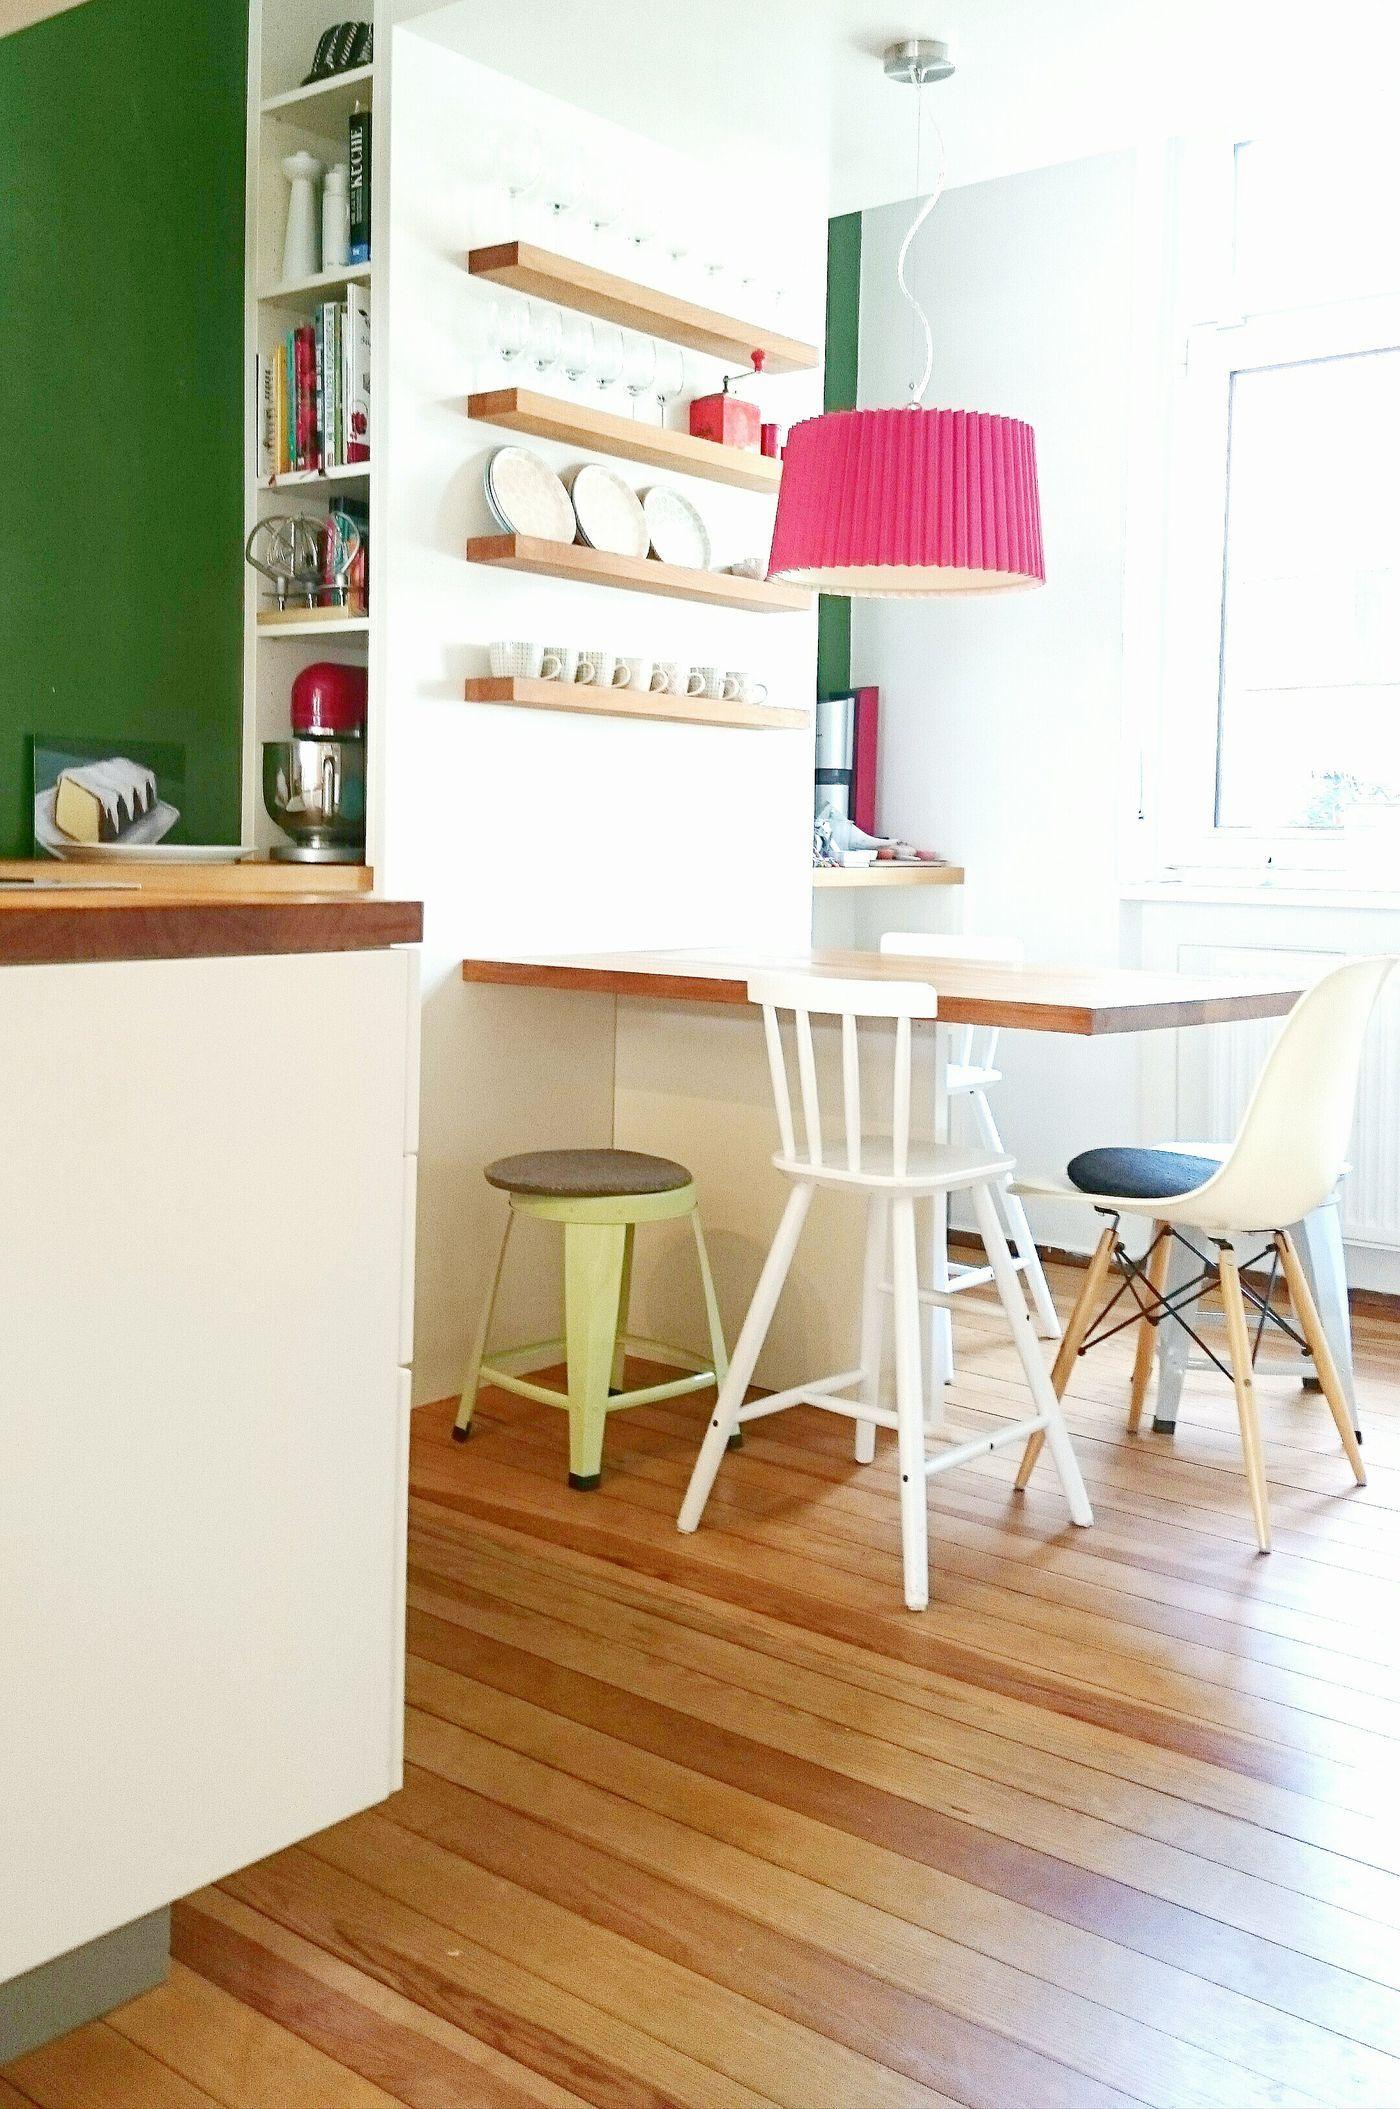 Wohnen Ikea Stühlen mit Einrichten und UVpzqSM